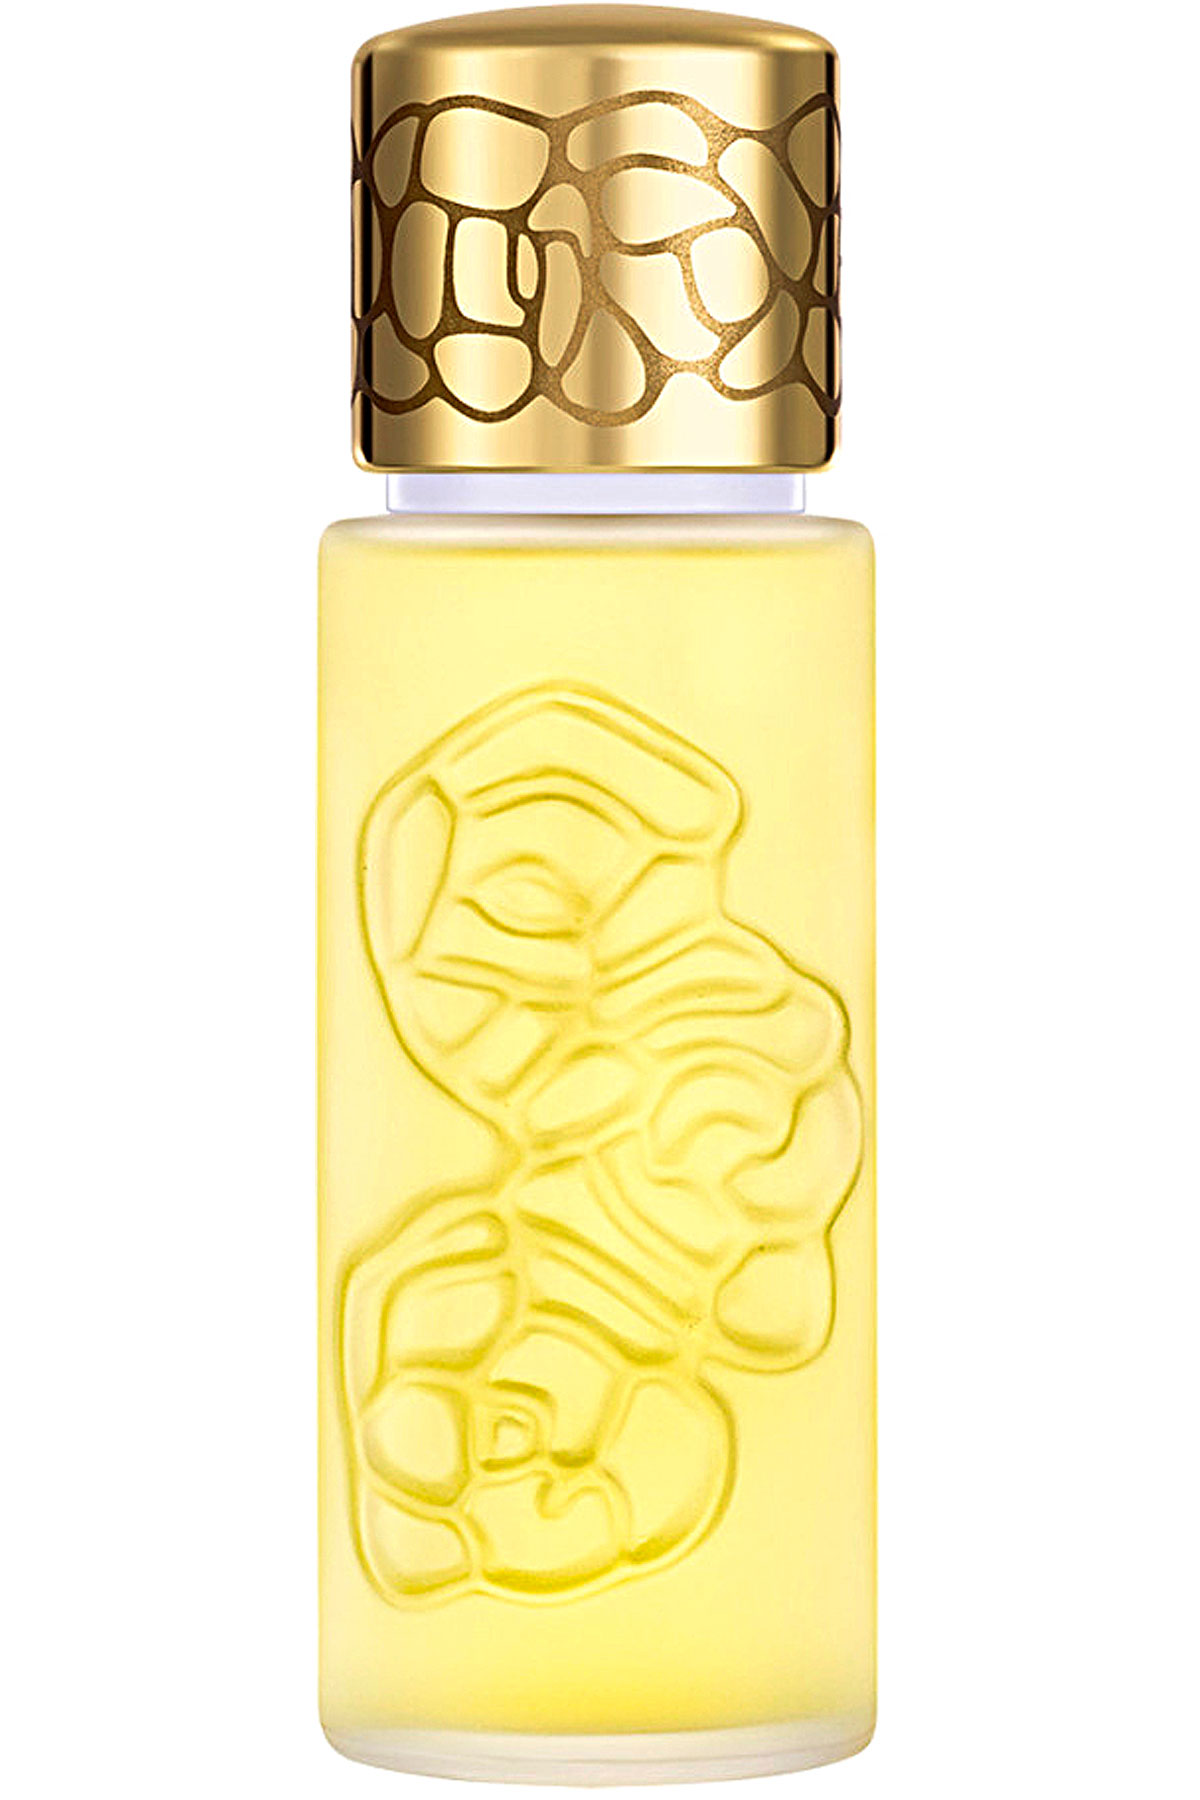 Houbigant Paris Fragrances for Women, Quelques Fleurs L Original - Eau De Parfum - 30-50-100 Ml, 2019, 30 ml 50 ml 100 ml